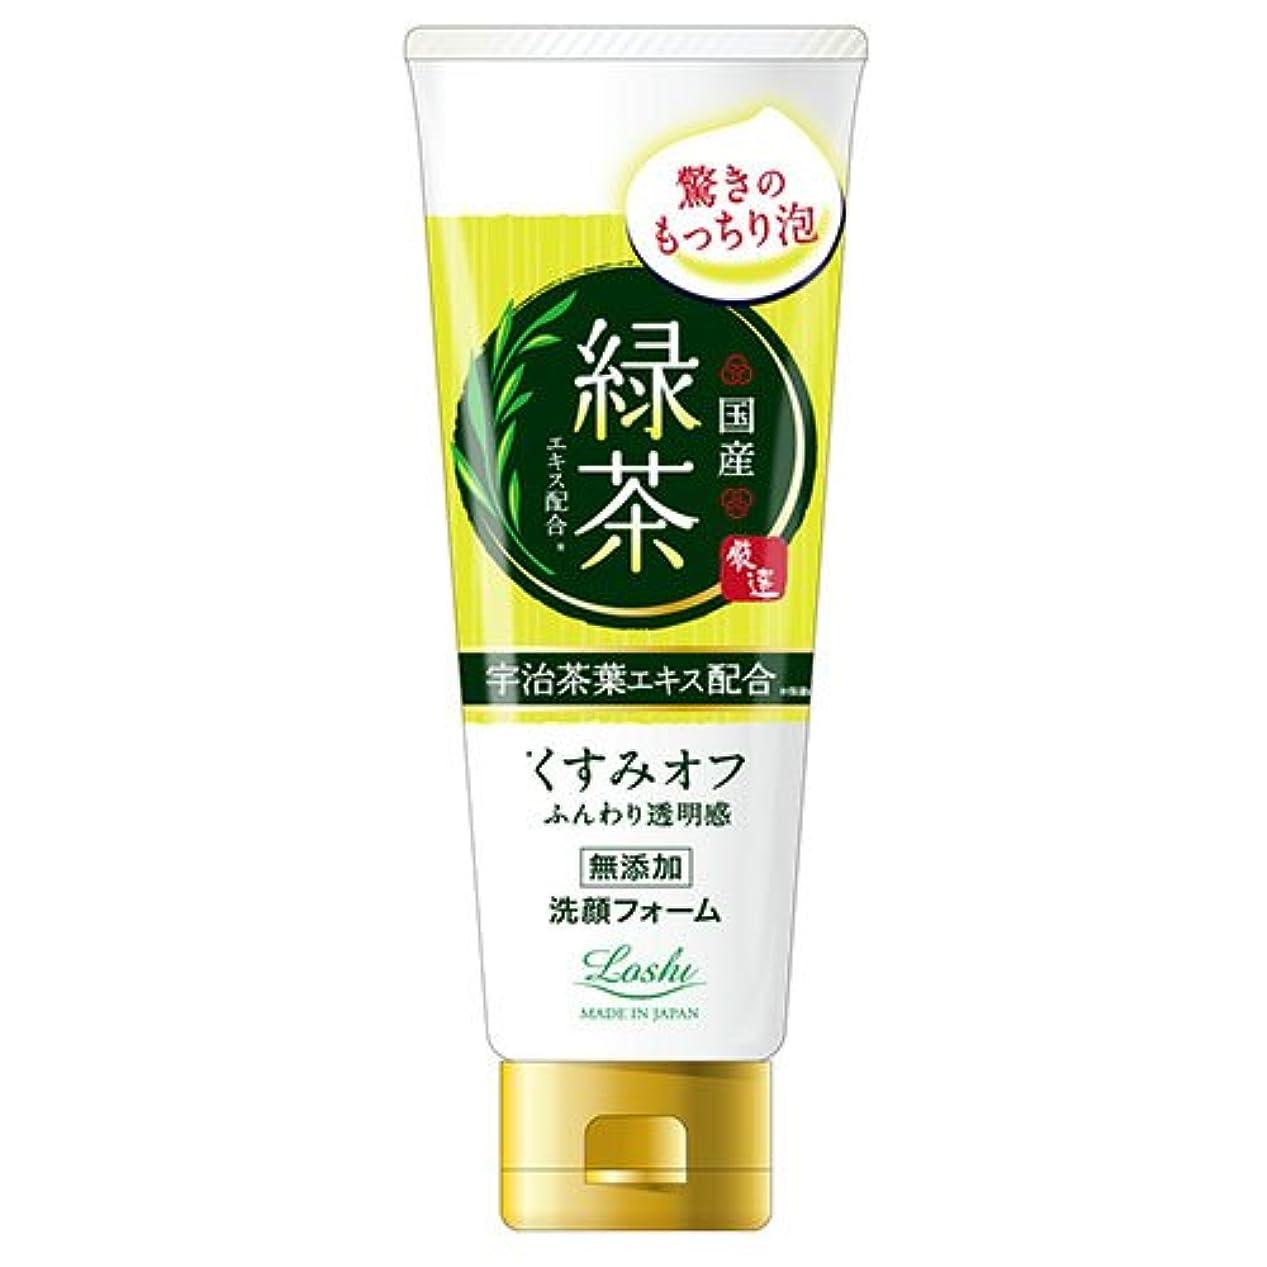 オリエンタルベンチャーどう?ロッシモイストエイド 国産 ホイップ洗顔 緑茶 120g